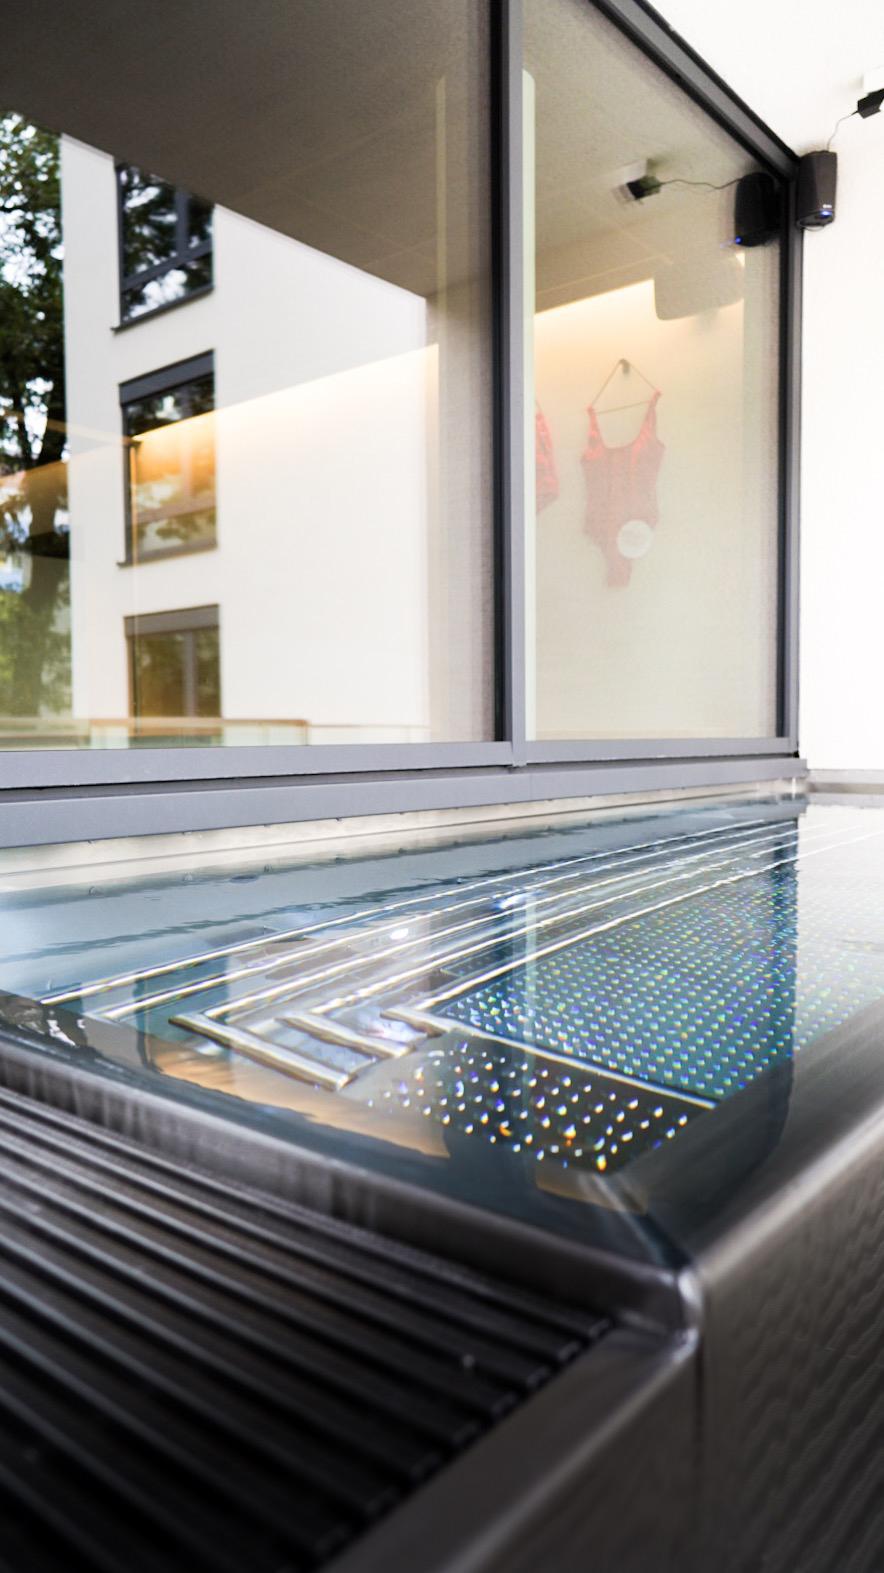 Schwabinger Wahrheit- ein Hotel ideal für einen Städtetrip in München